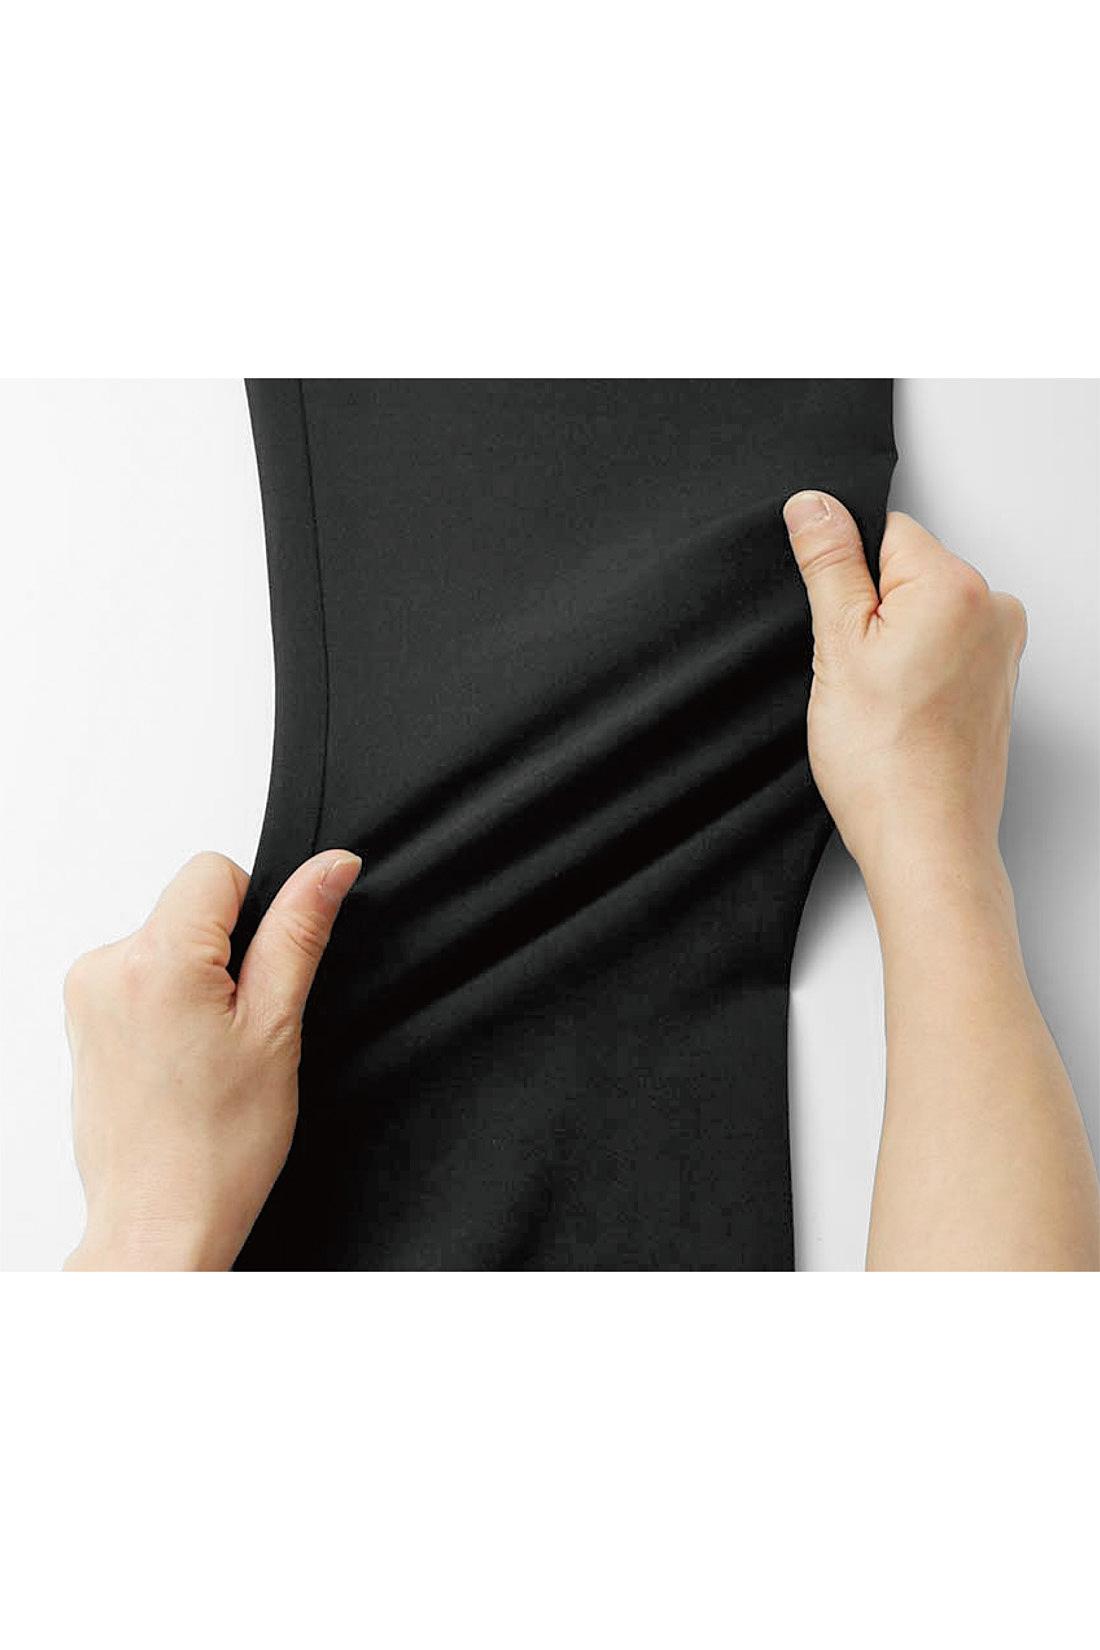 パンツはきちんと見えする素材ながらぐいっと伸びて着心地らくちん。